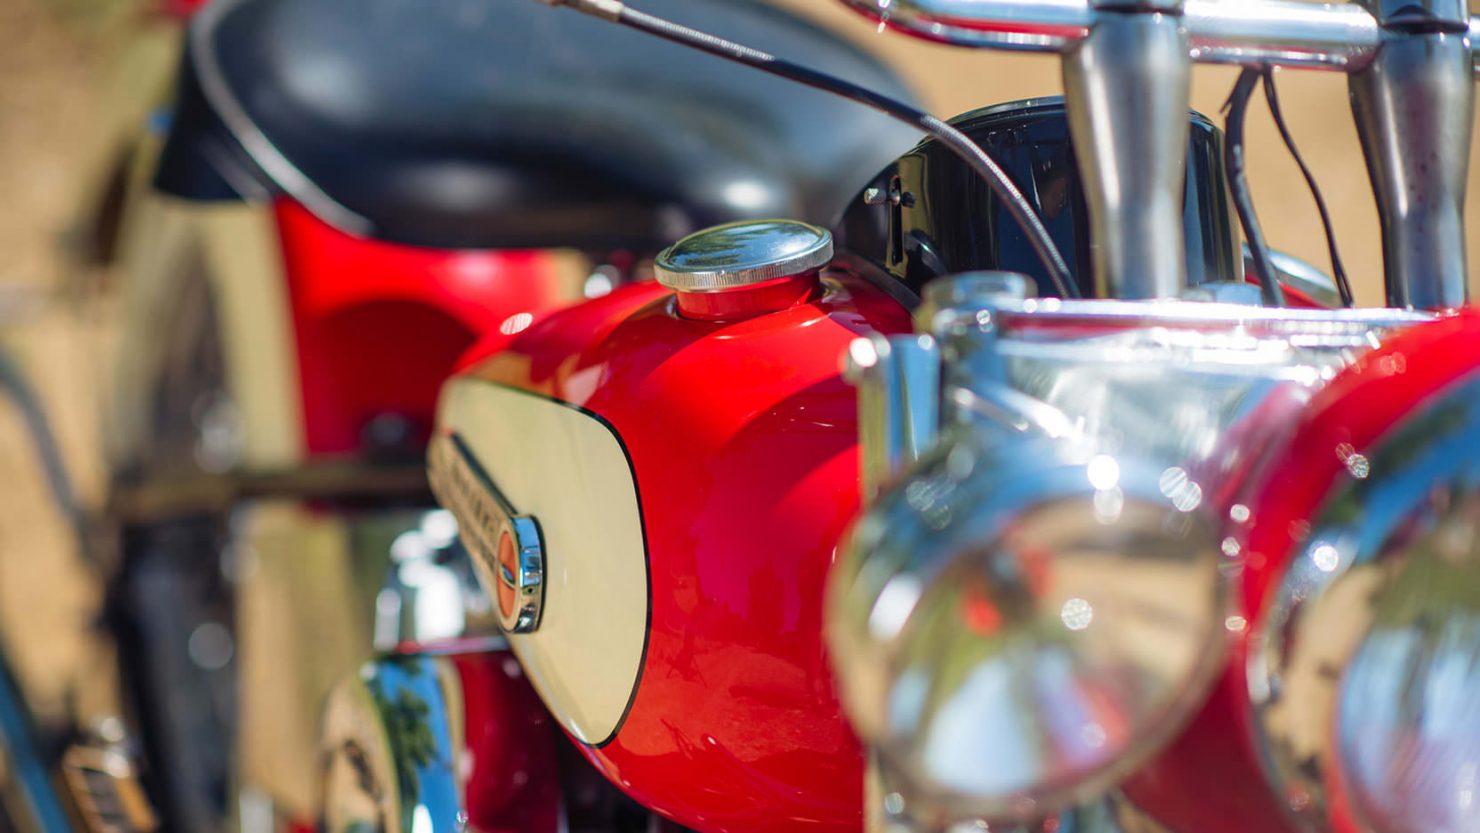 Harley Davidson FL Panhead 9 1480x833 - 1949 Harley-Davidson FL Panhead